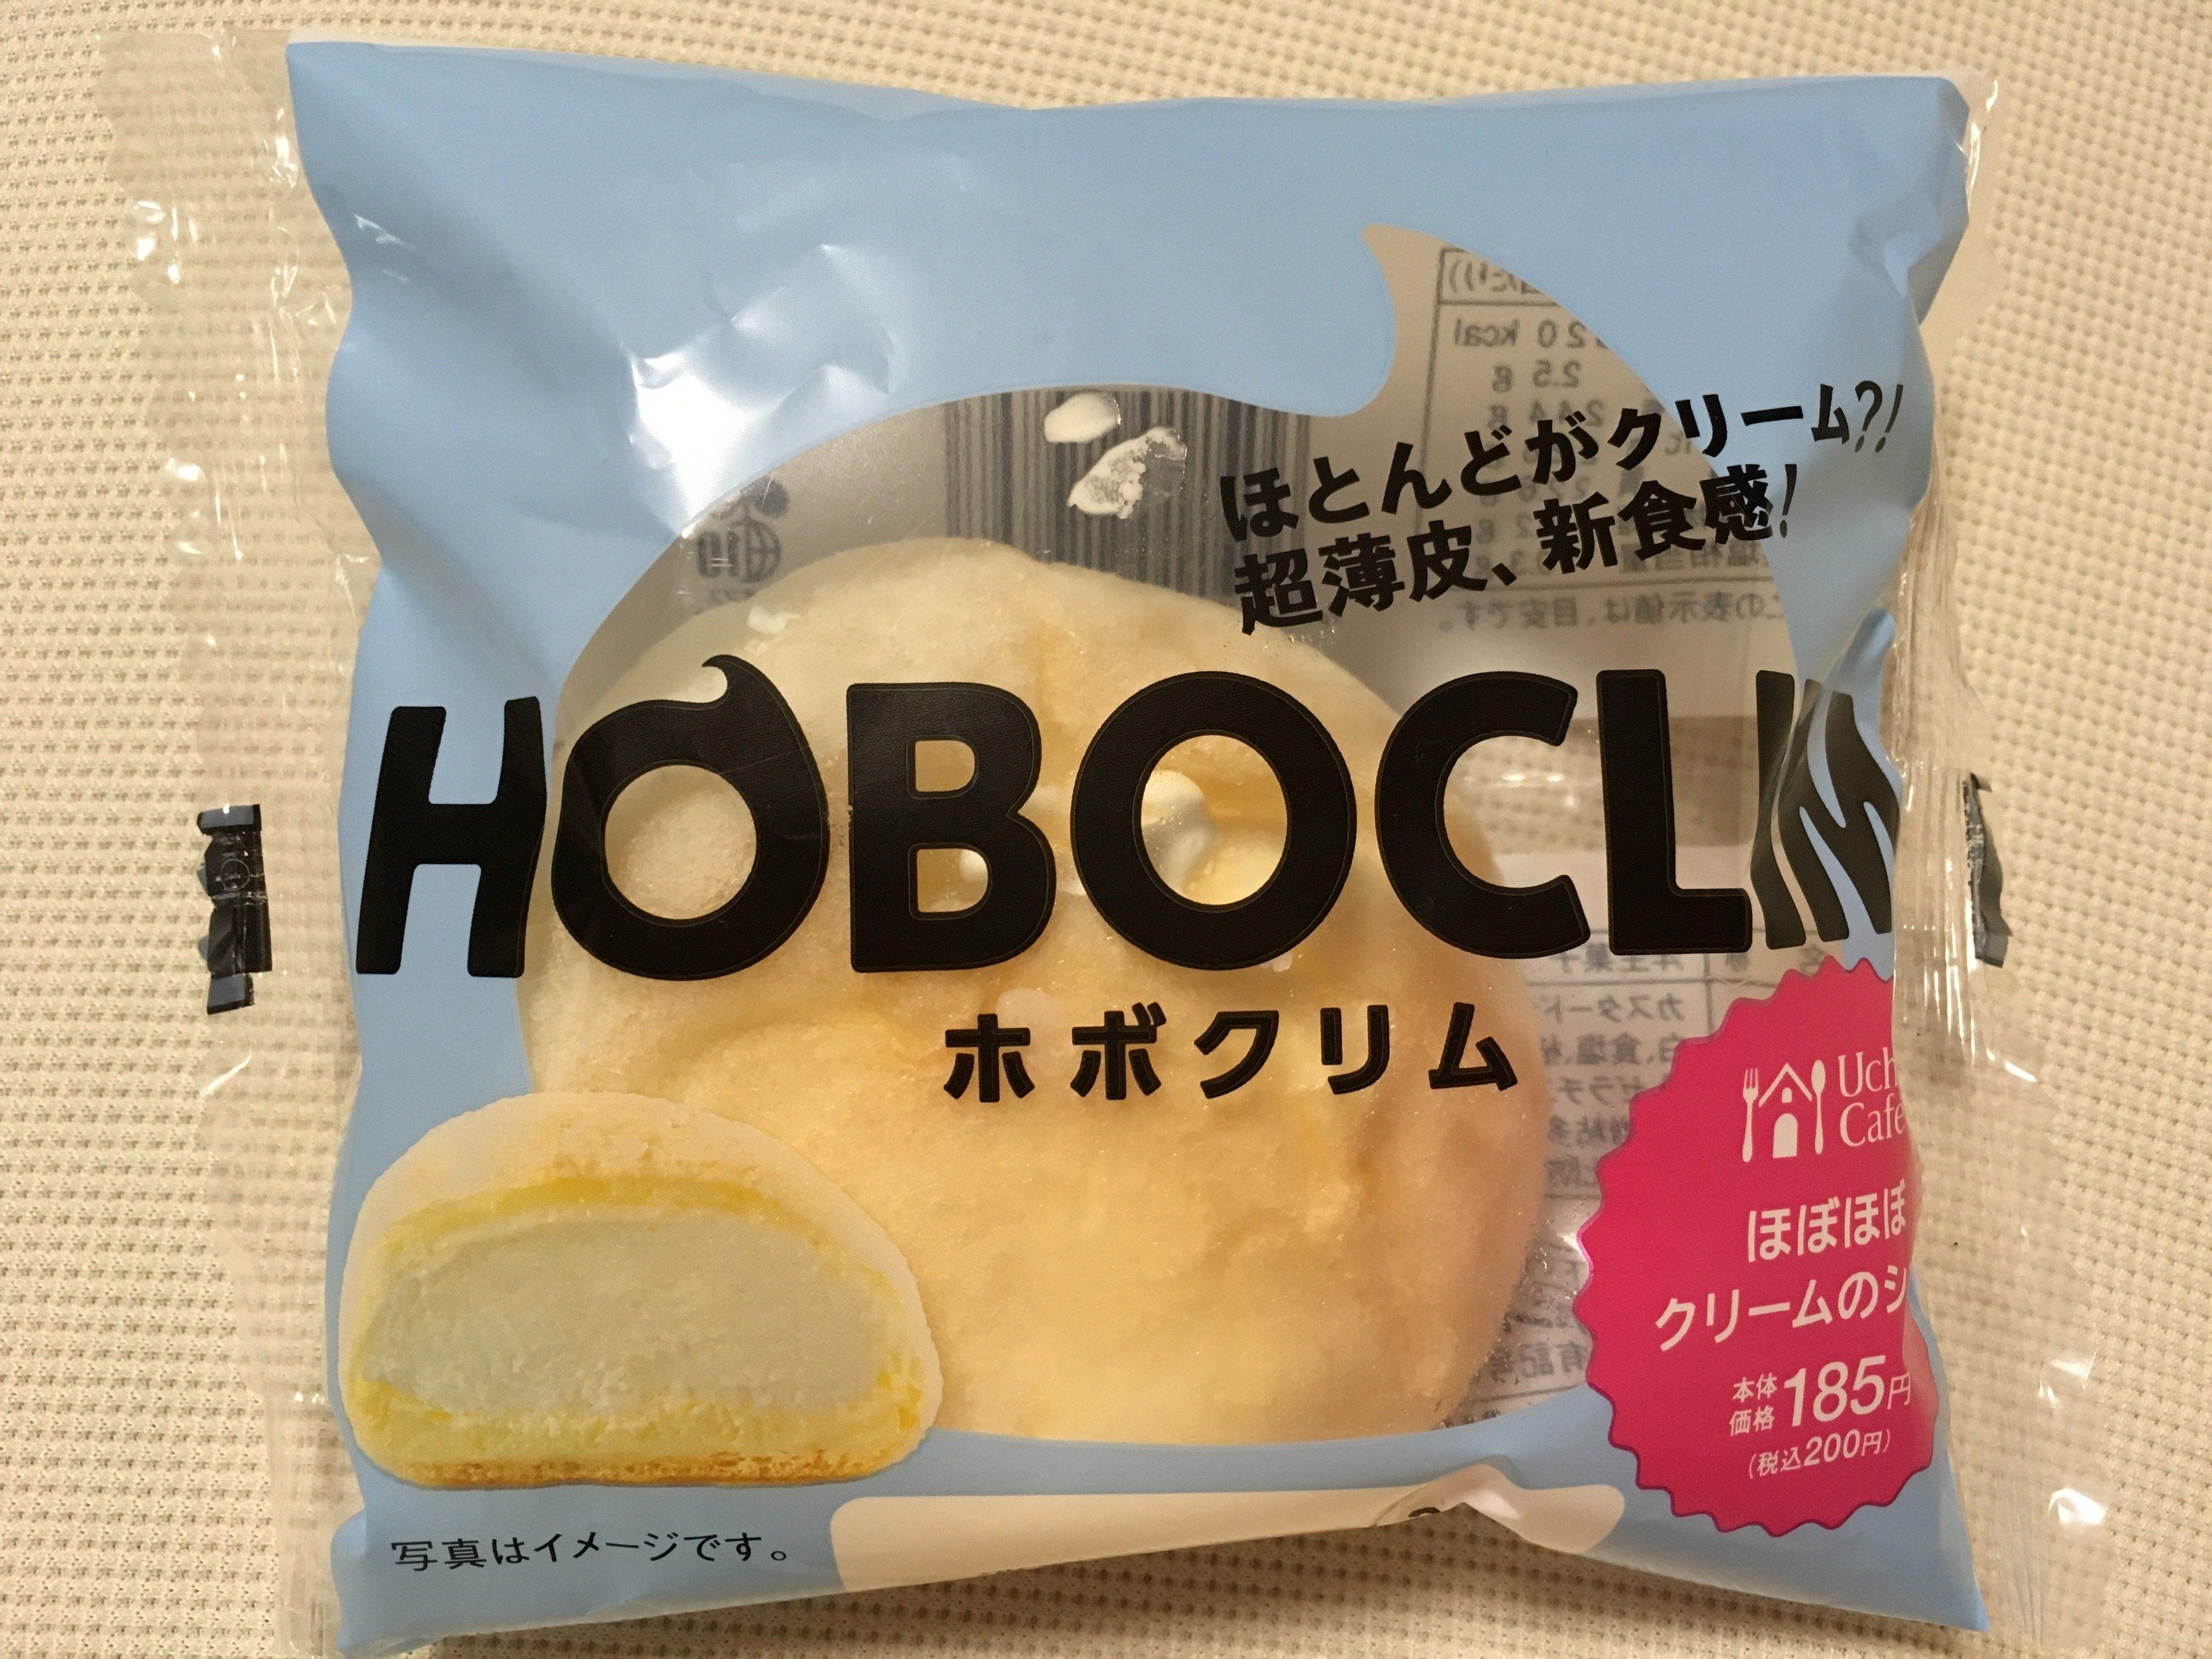 【コンビニスイーツ】ローソンのホボクリム!美味しくてリピート中♪